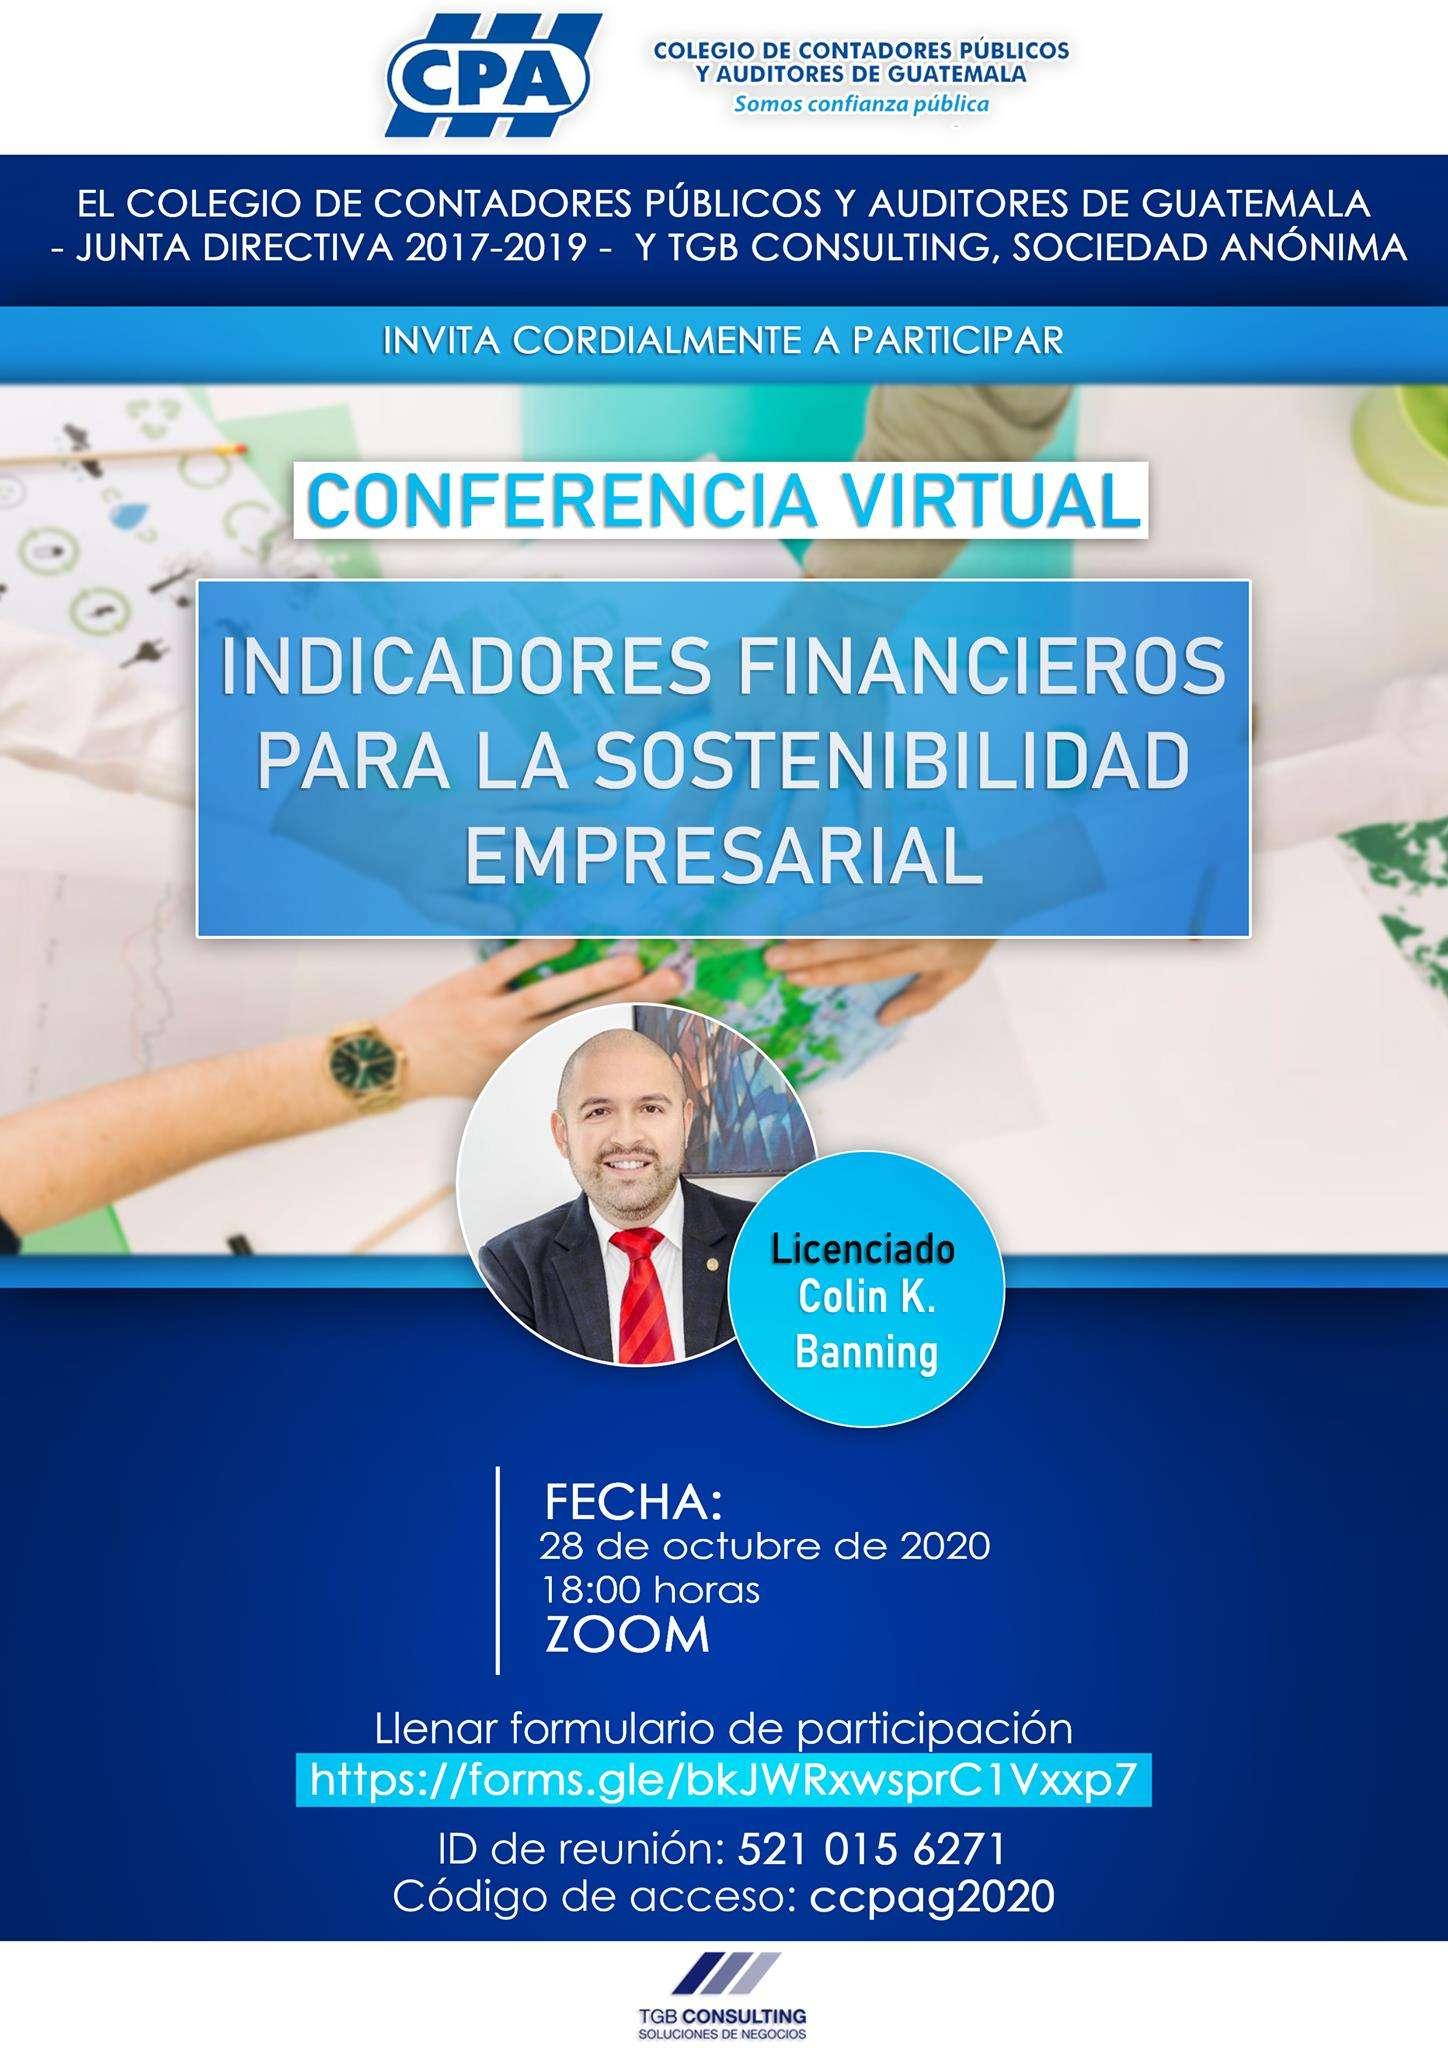 INDICADORES FINANCIEROS PARA LA SOSTENIBILIDAD EMPRESARIAL 28OCT20